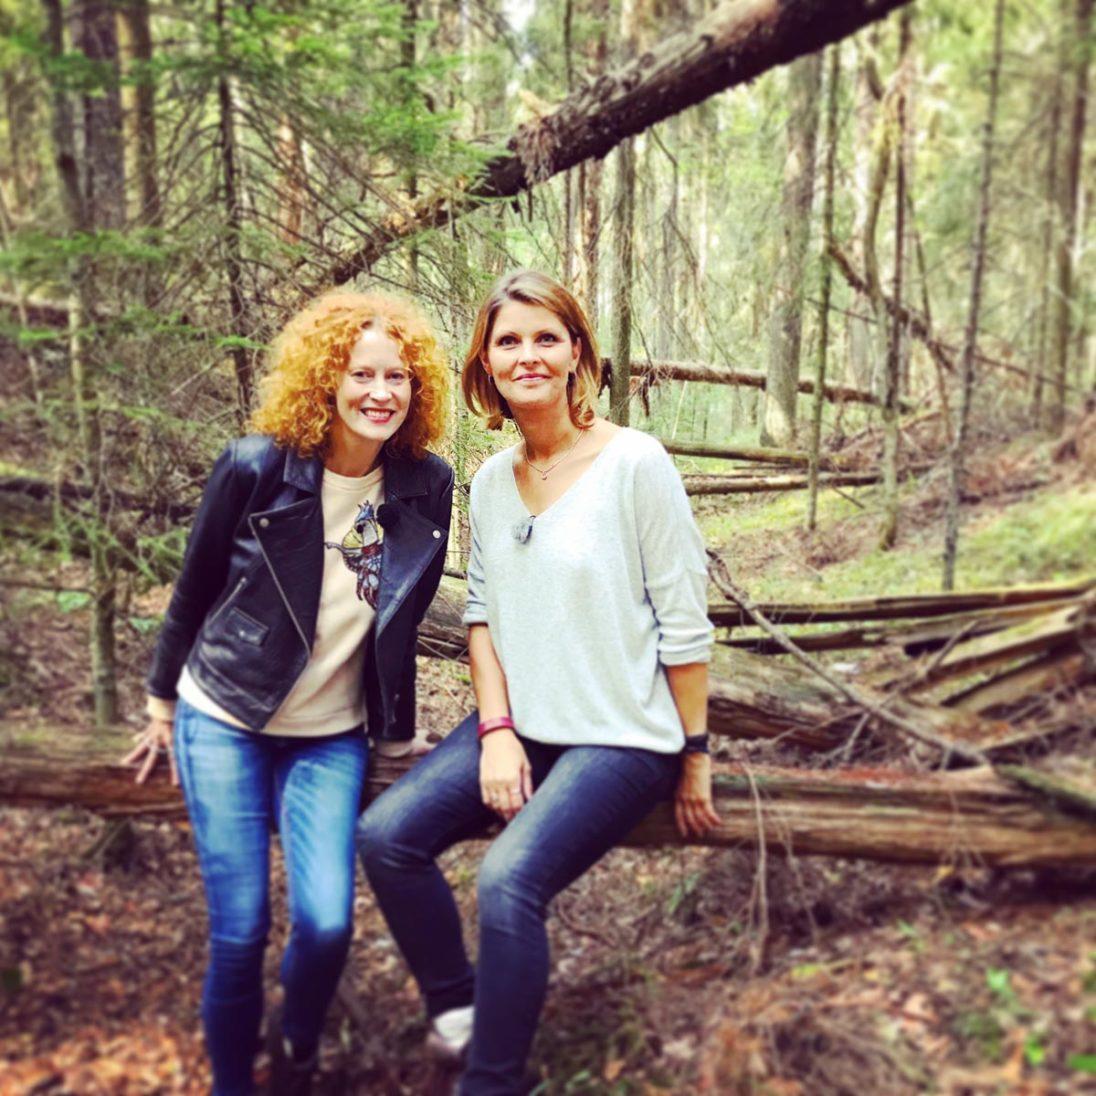 Saimi Hoyer vom Hotel Punkaharju und NDR-Moderatorin Kristin Recke im Wald von Punkaharju.